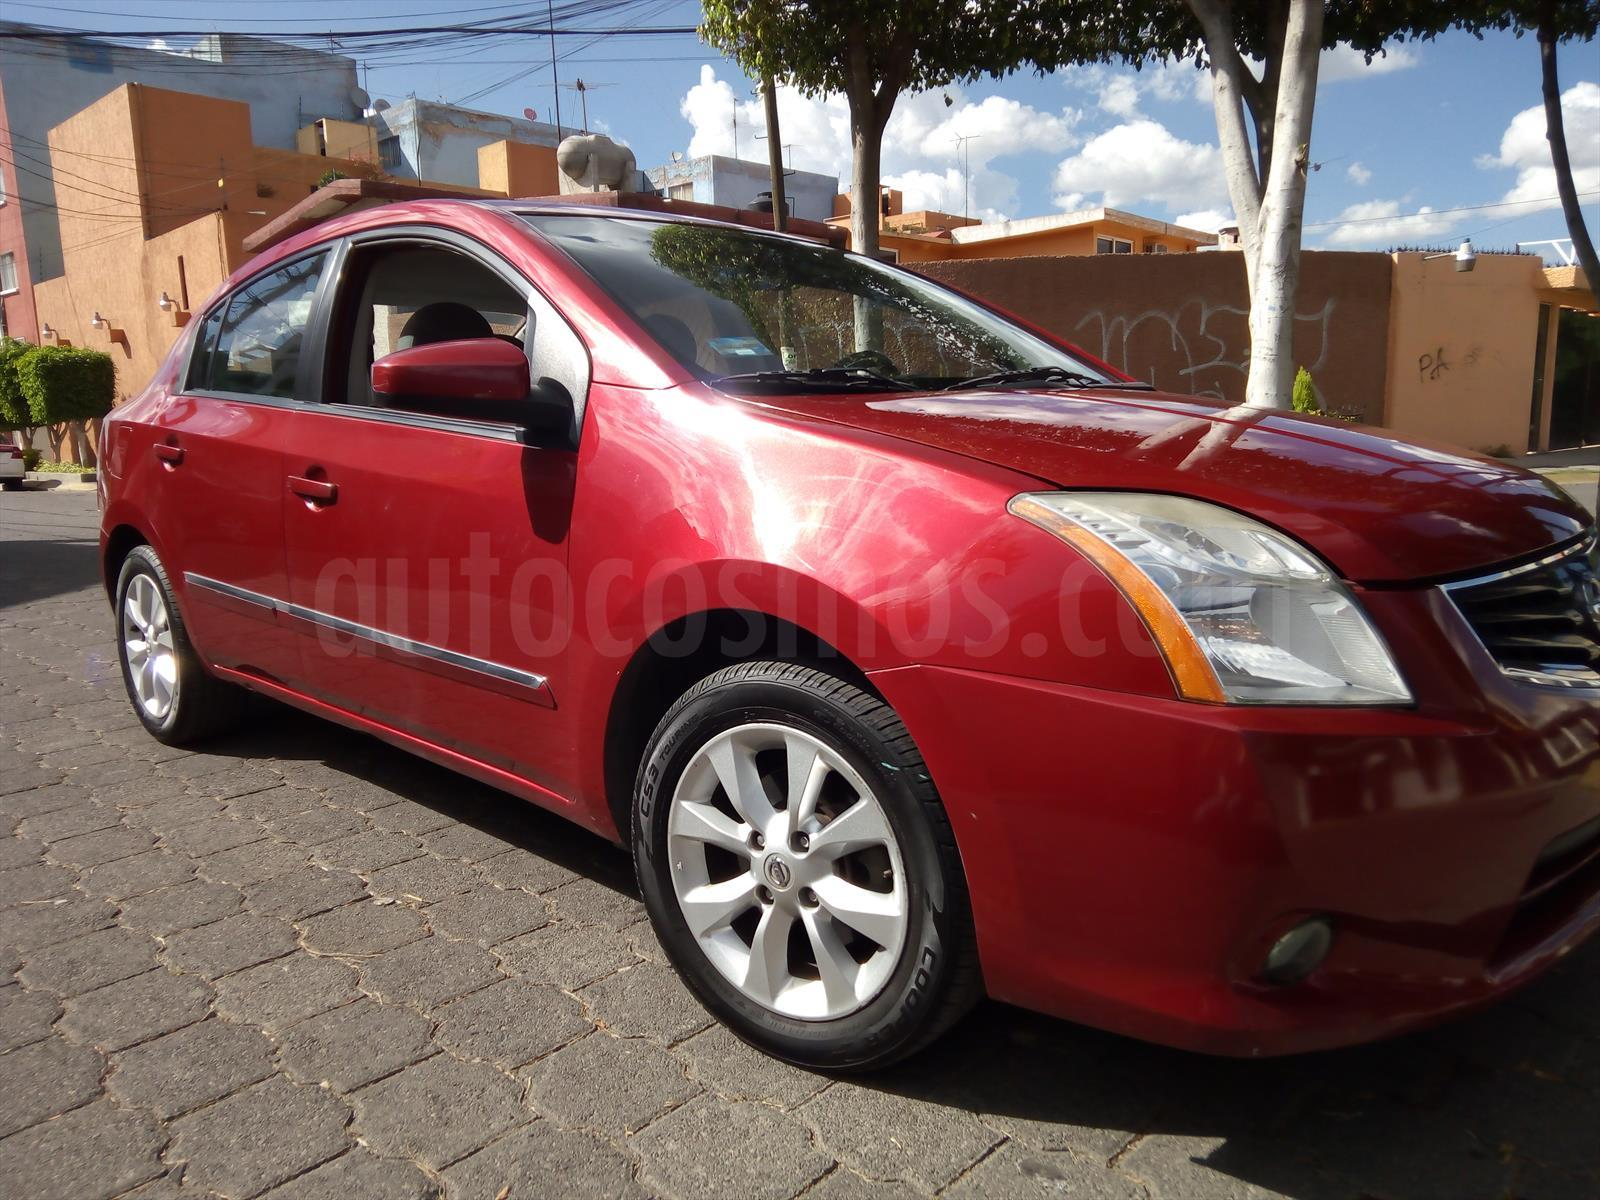 Venta autos usado - Ciudad de Mexico - Nissan Sentra ...